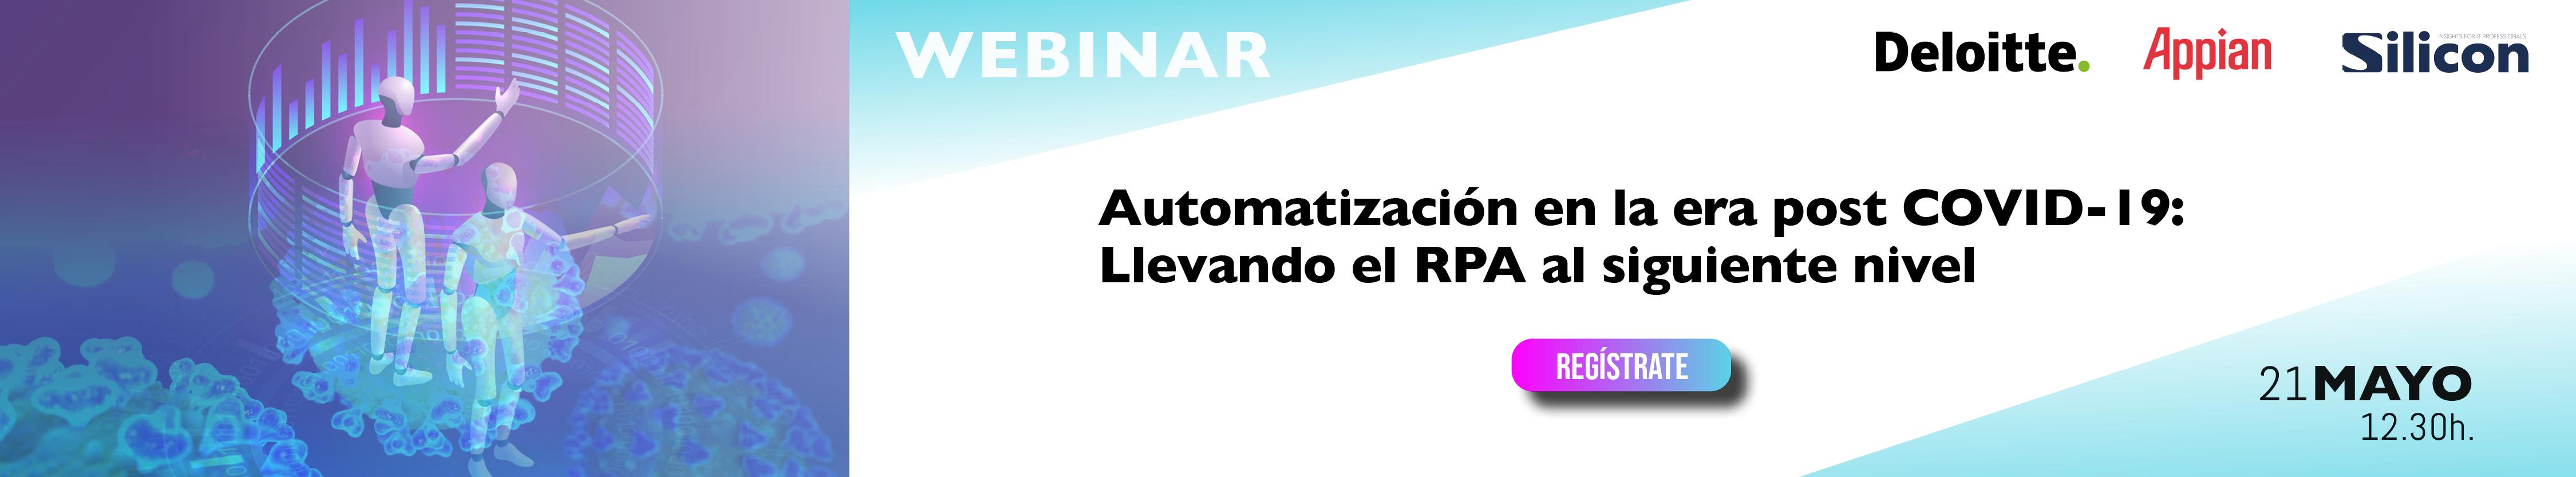 Automatización en la era post COVID-19: Llevando el RPA al siguiente nivel